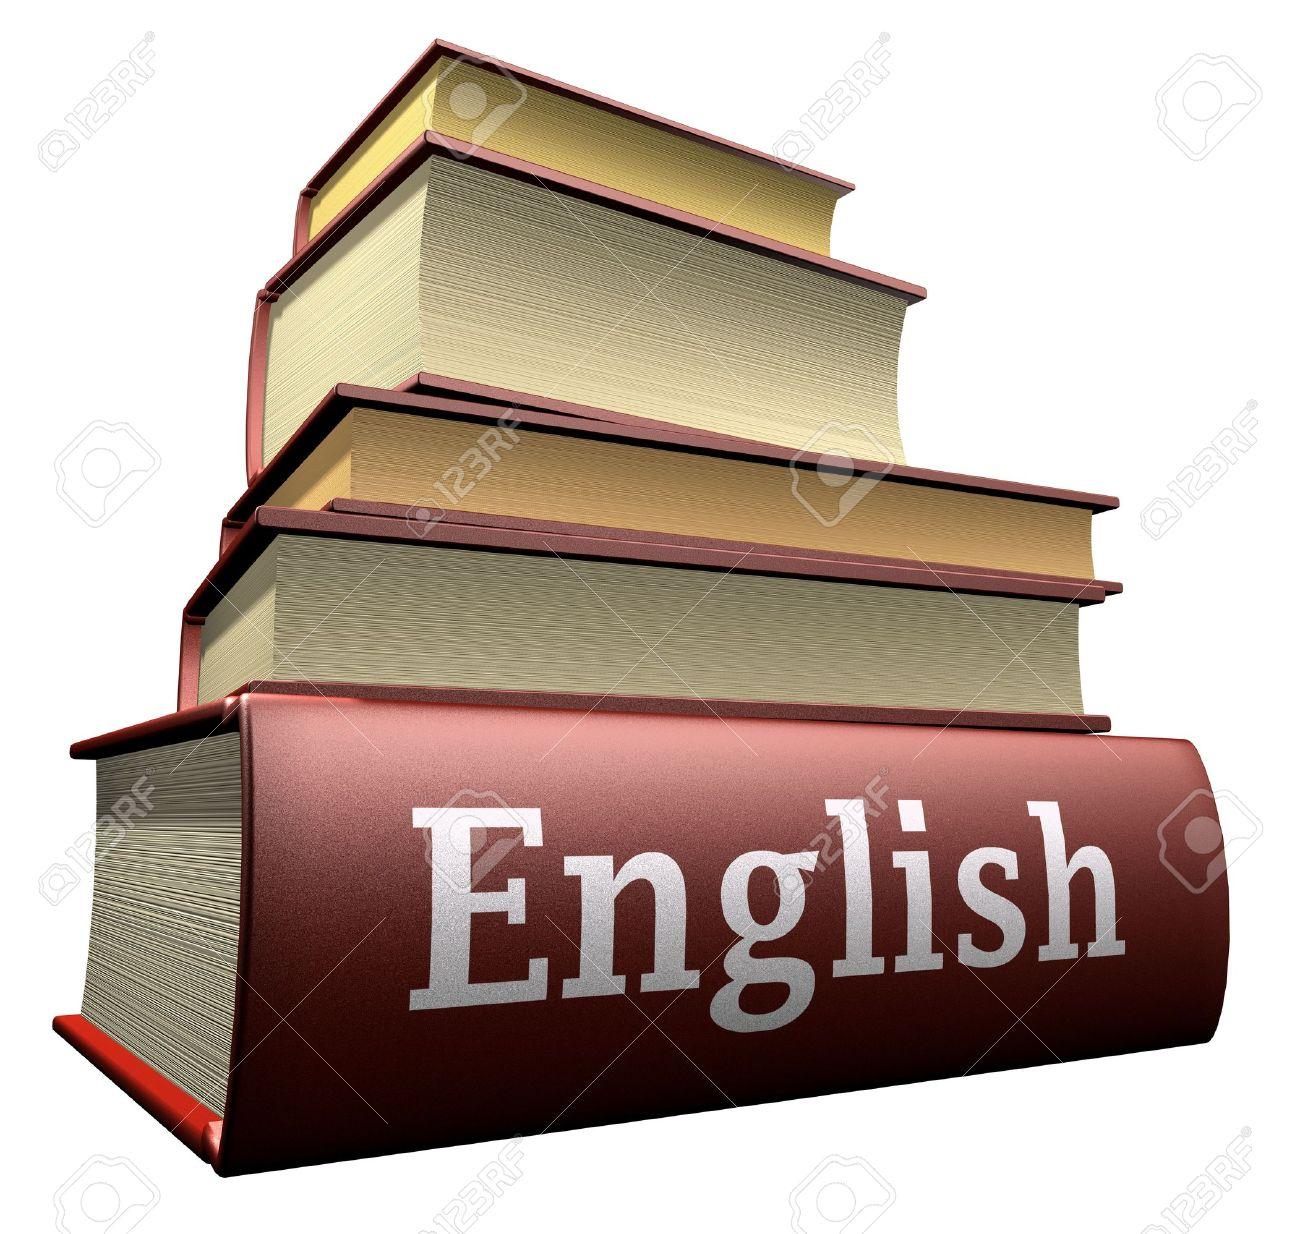 अंग्रेजी माध्यममा शिक्षाः वरदान कि अभिसाप ?